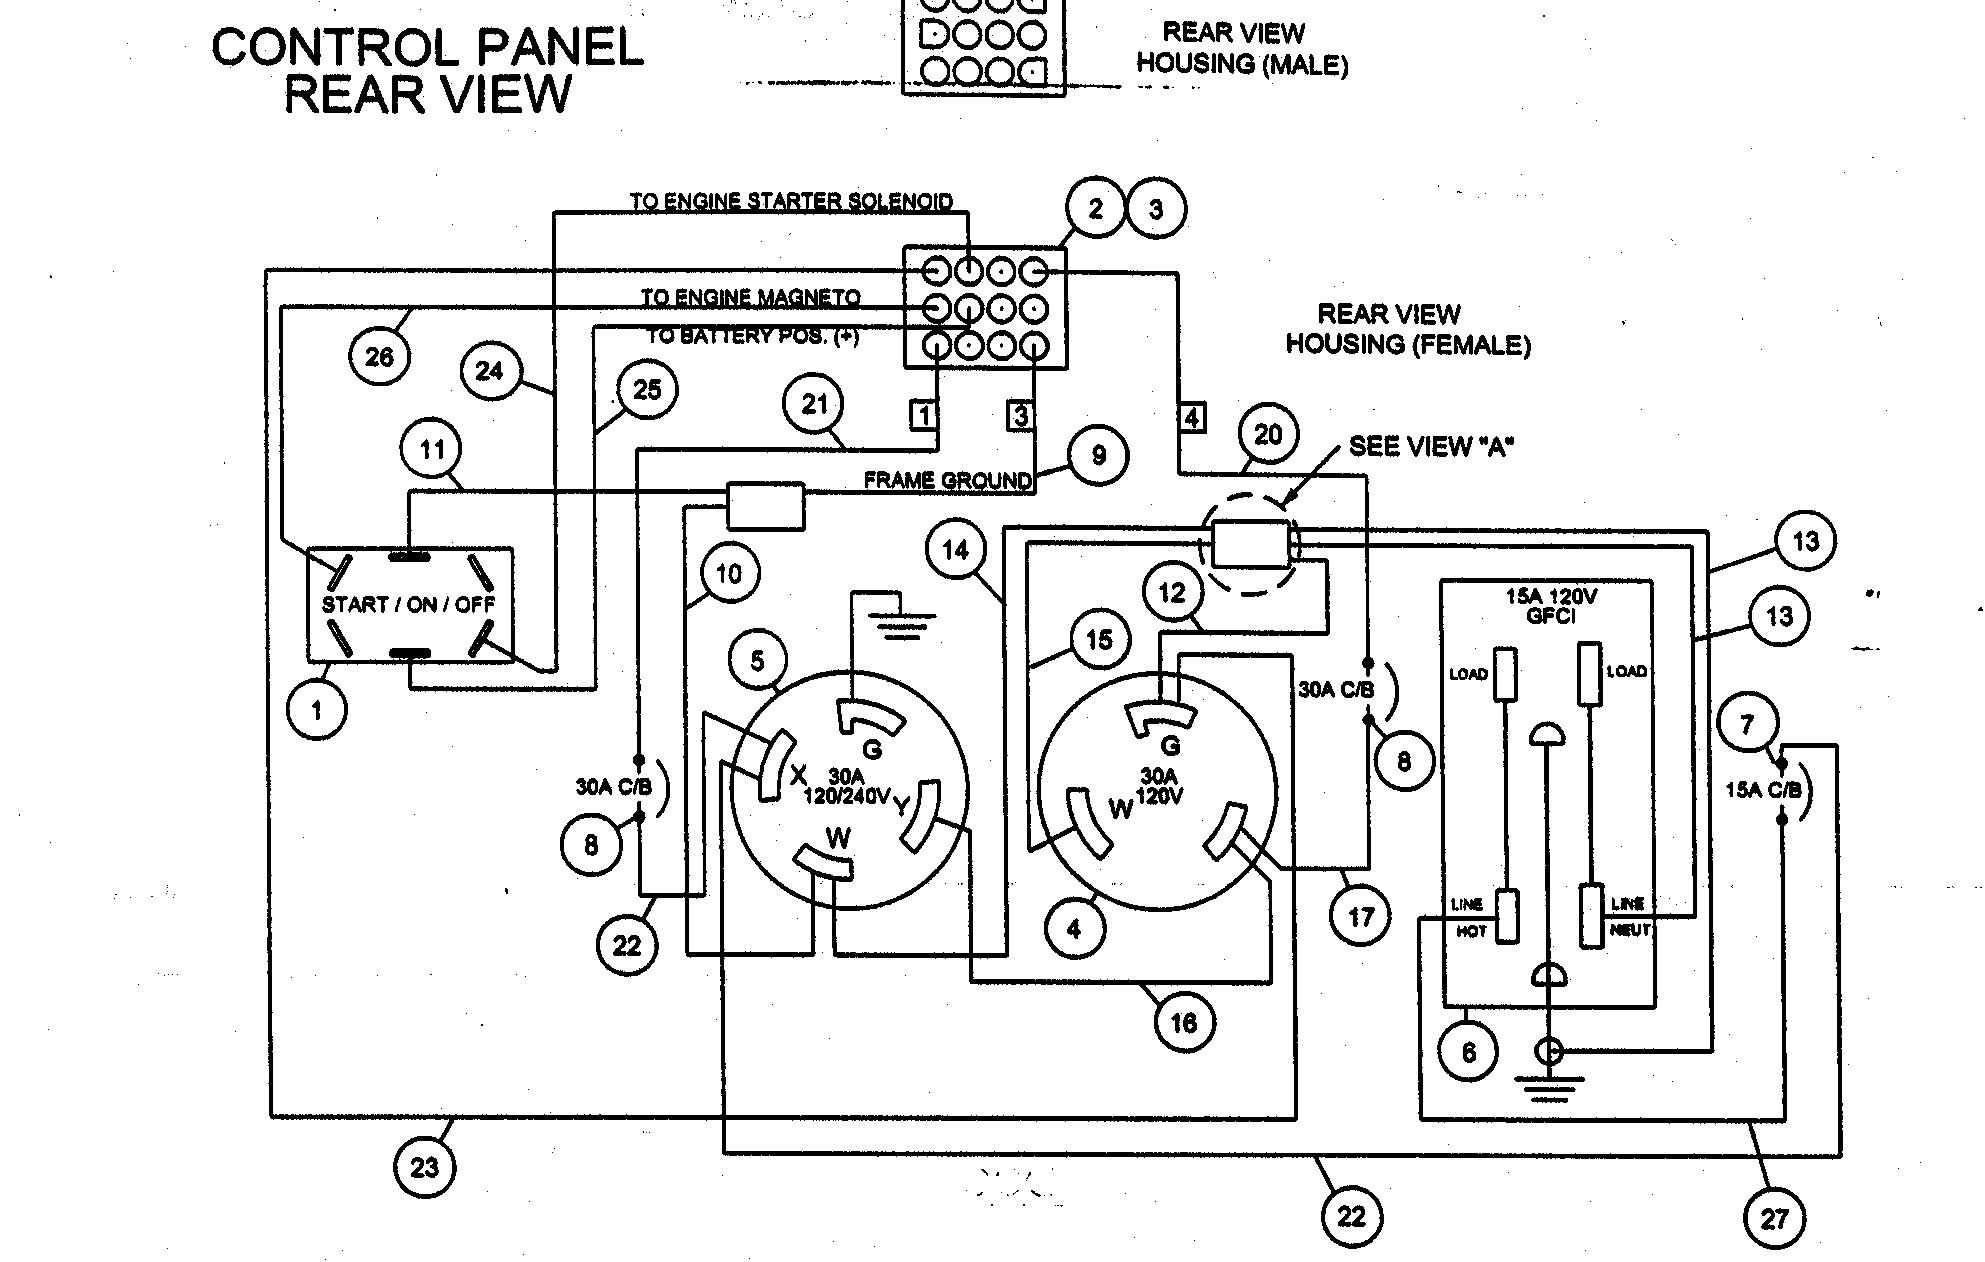 car mate trailer wiring diagram 2008 dodge ram 1500 fuse box coleman powermate 5000 parts generator ignition